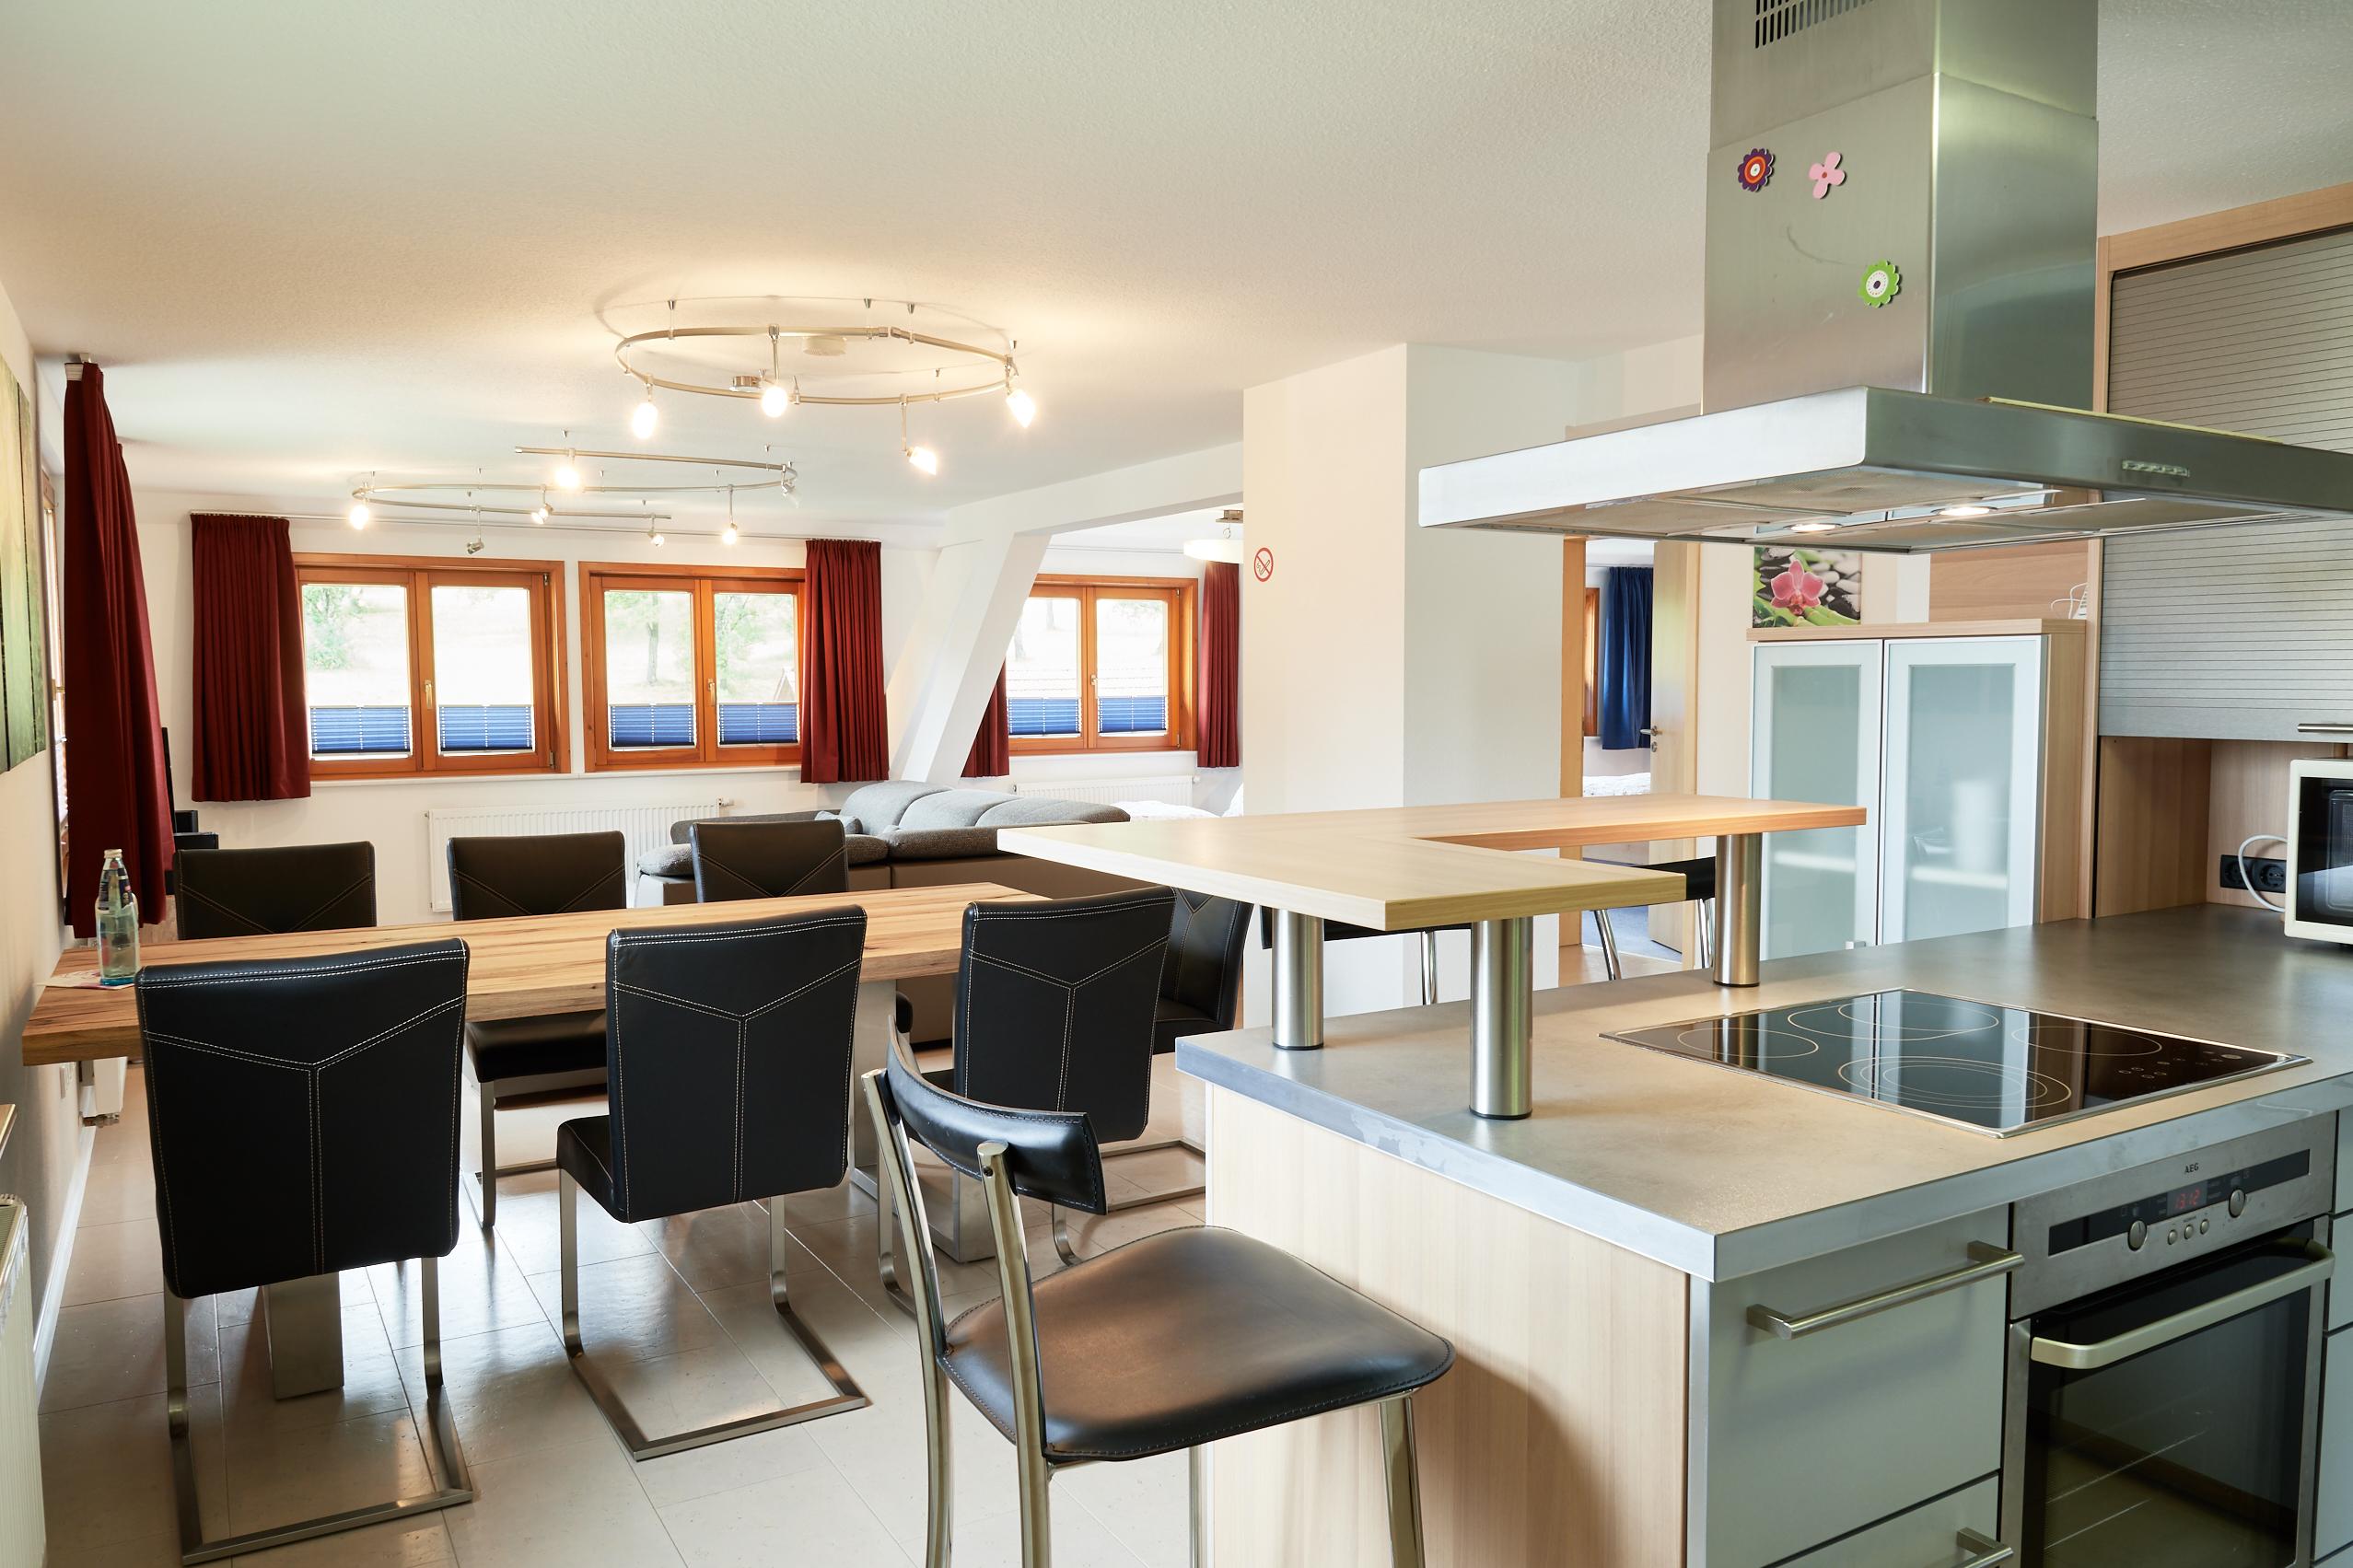 Apartment Fuerst Wohnbereich